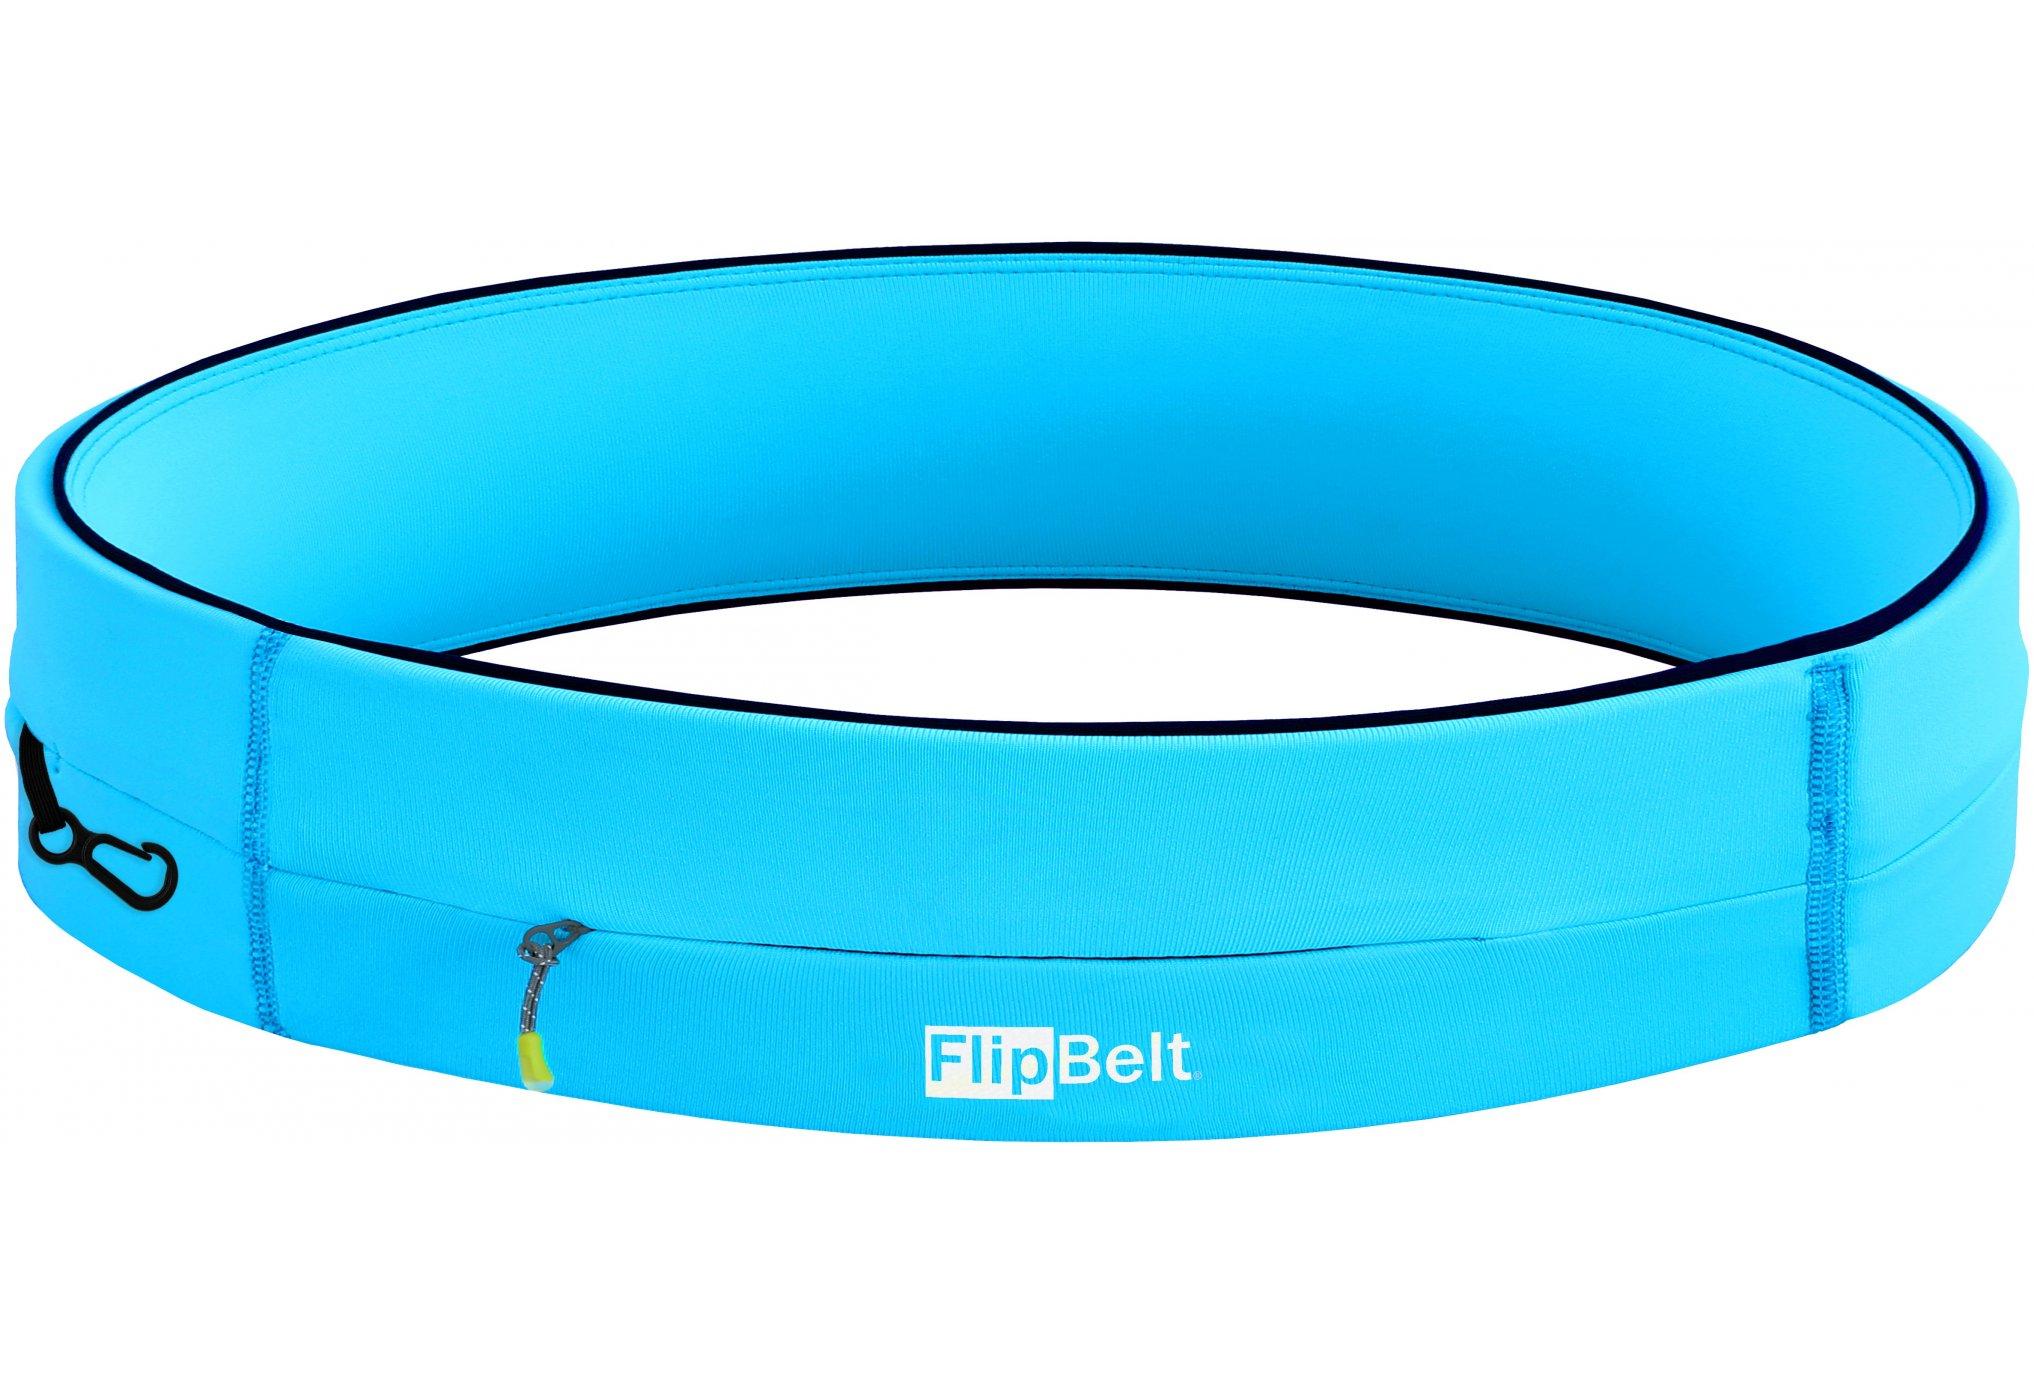 FlipBelt FlipBelt Zip Ceinture / porte dossard